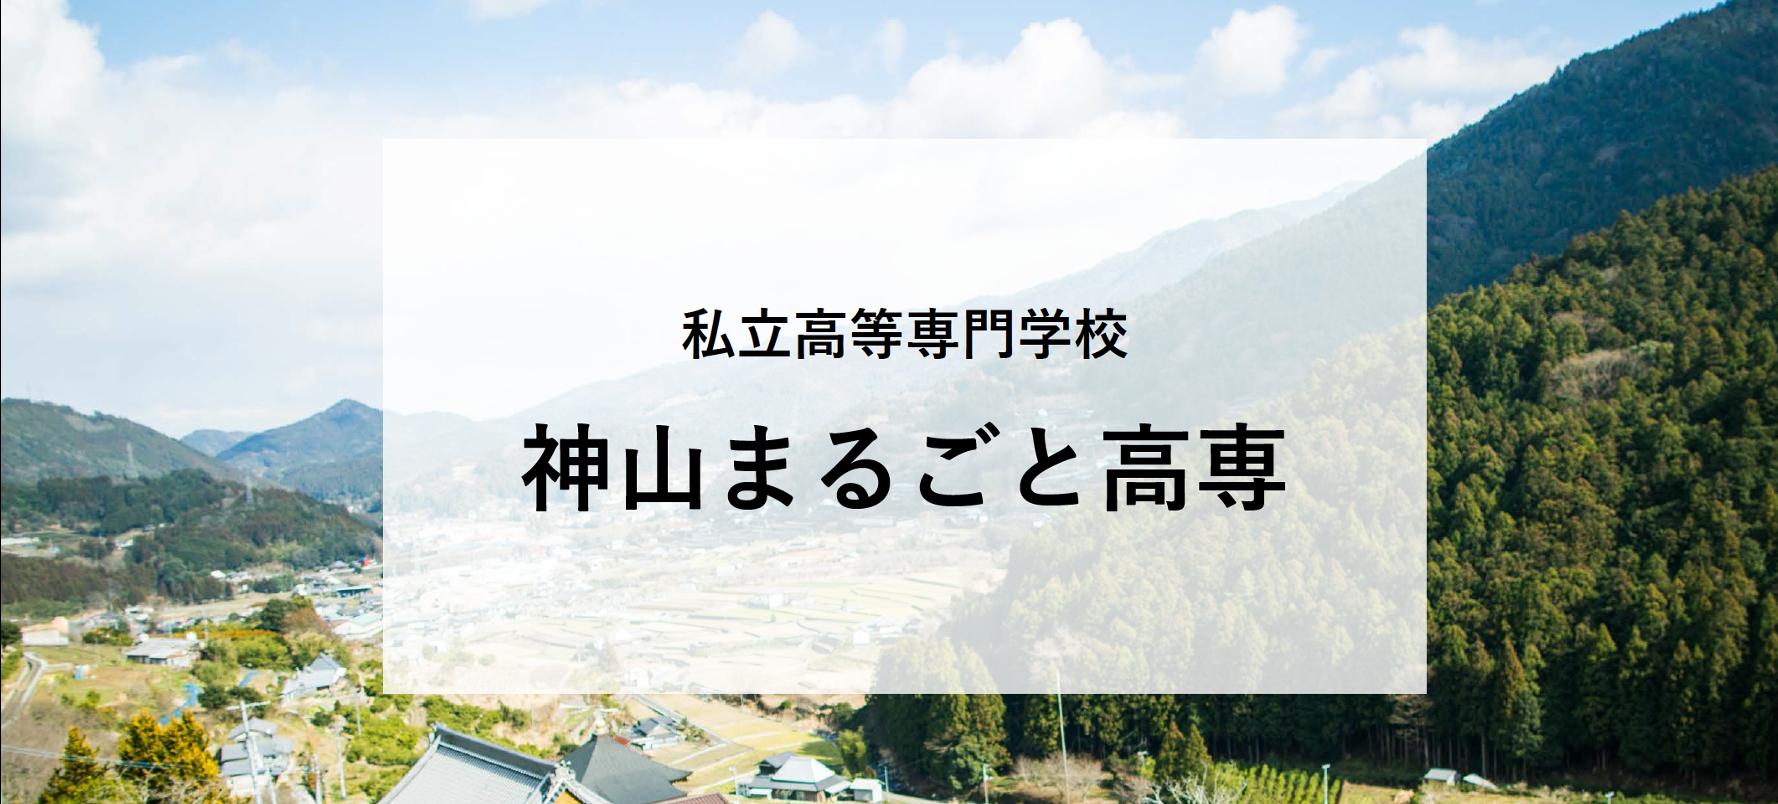 神山まるごと高等専門学校